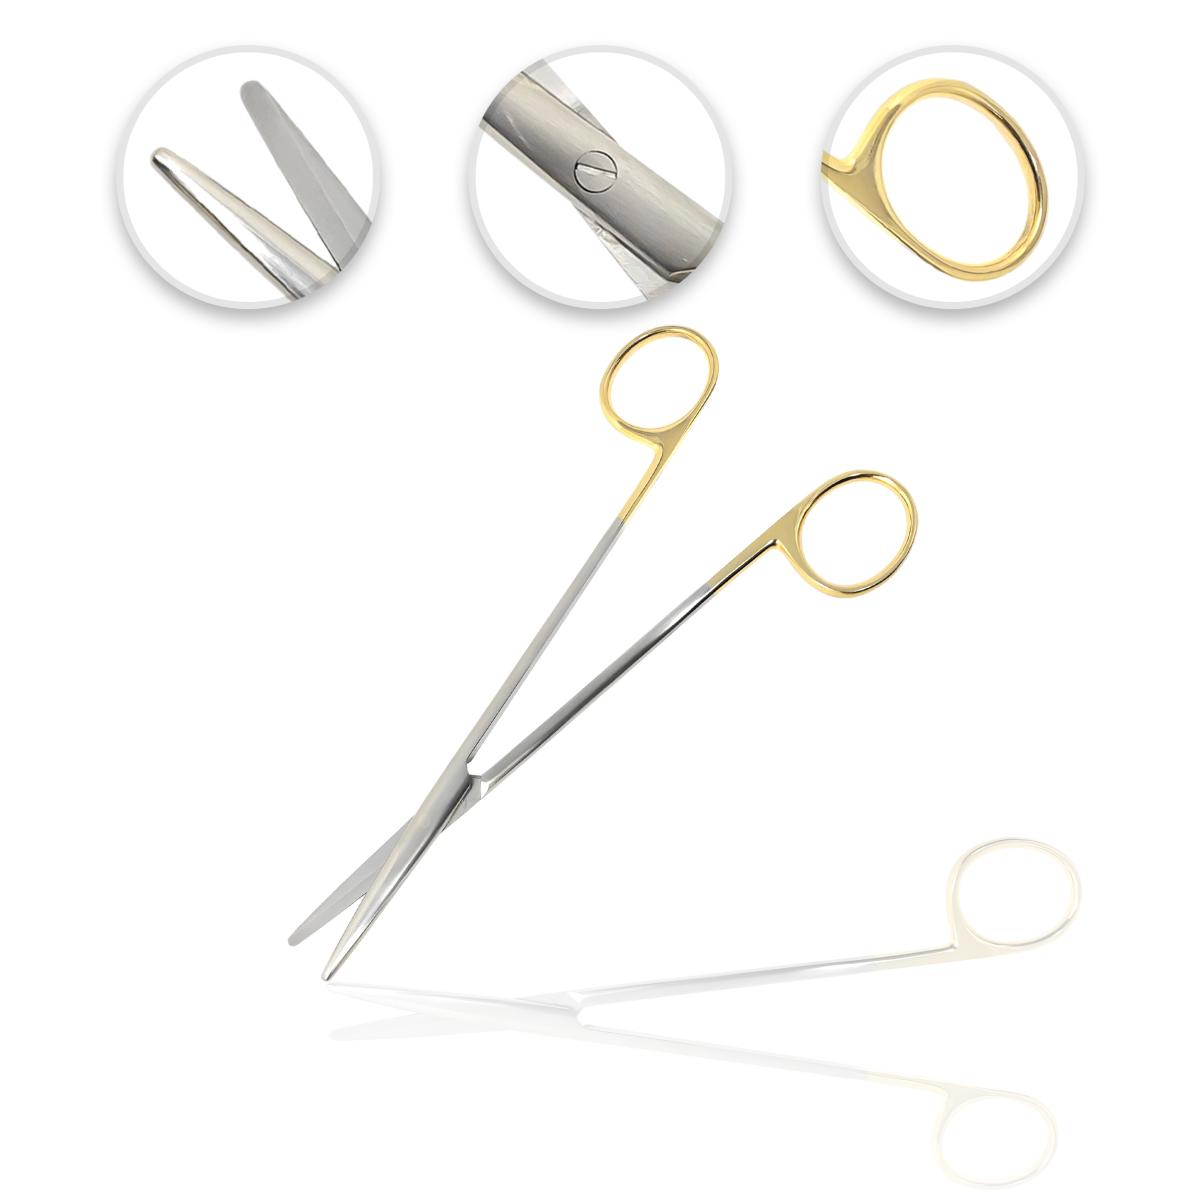 Metzenbaum Dissecting Scissors 4